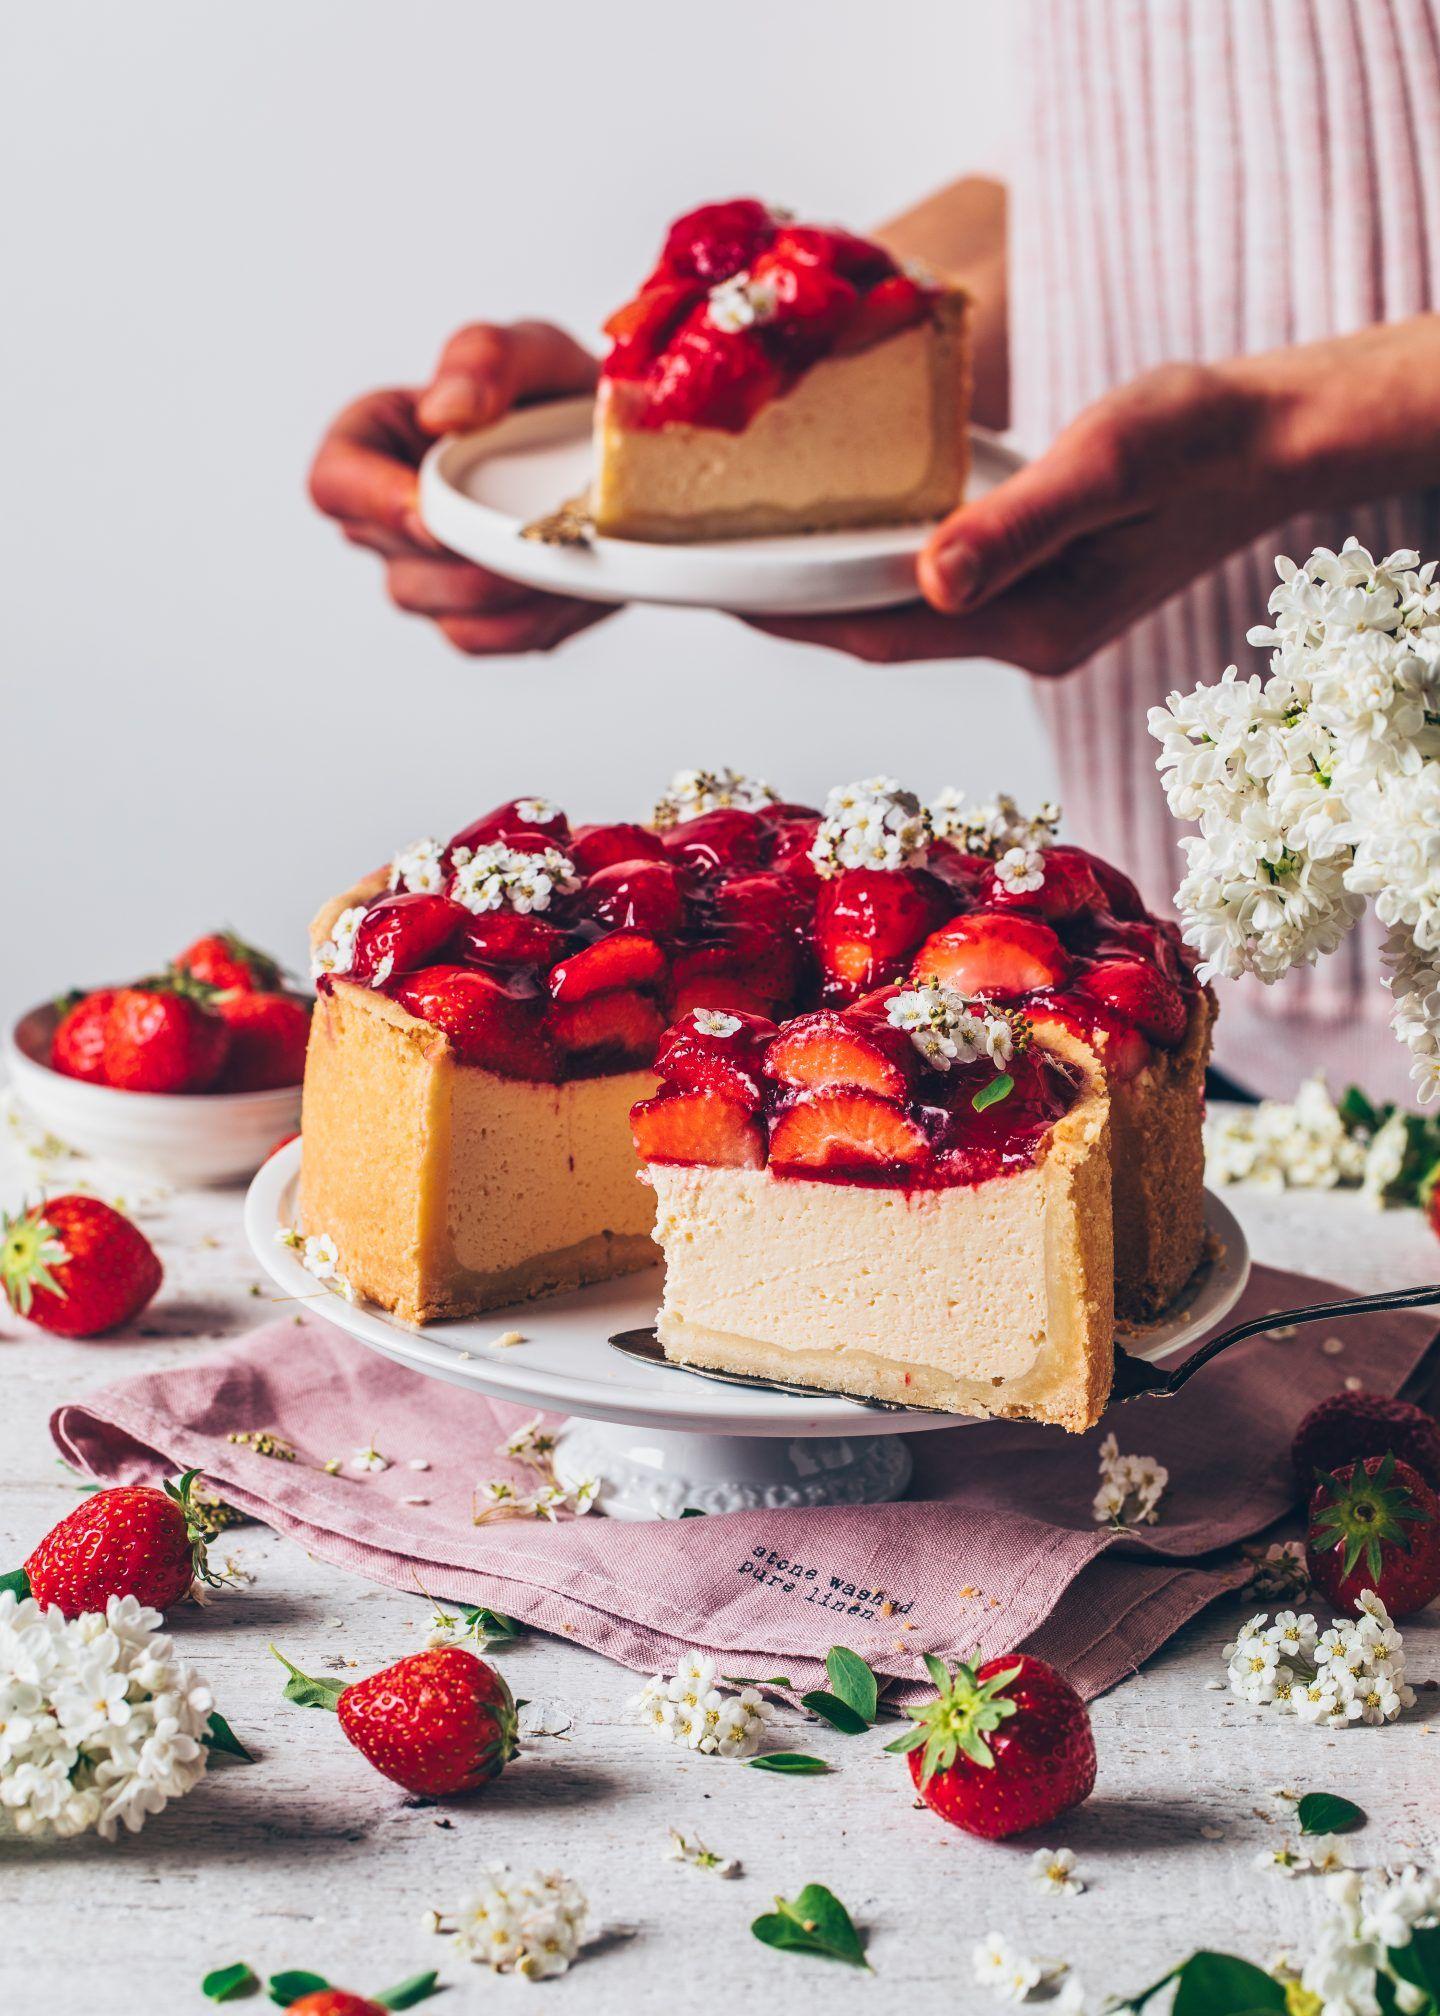 Best vegan cheesecake with strawberries bianca zapatka